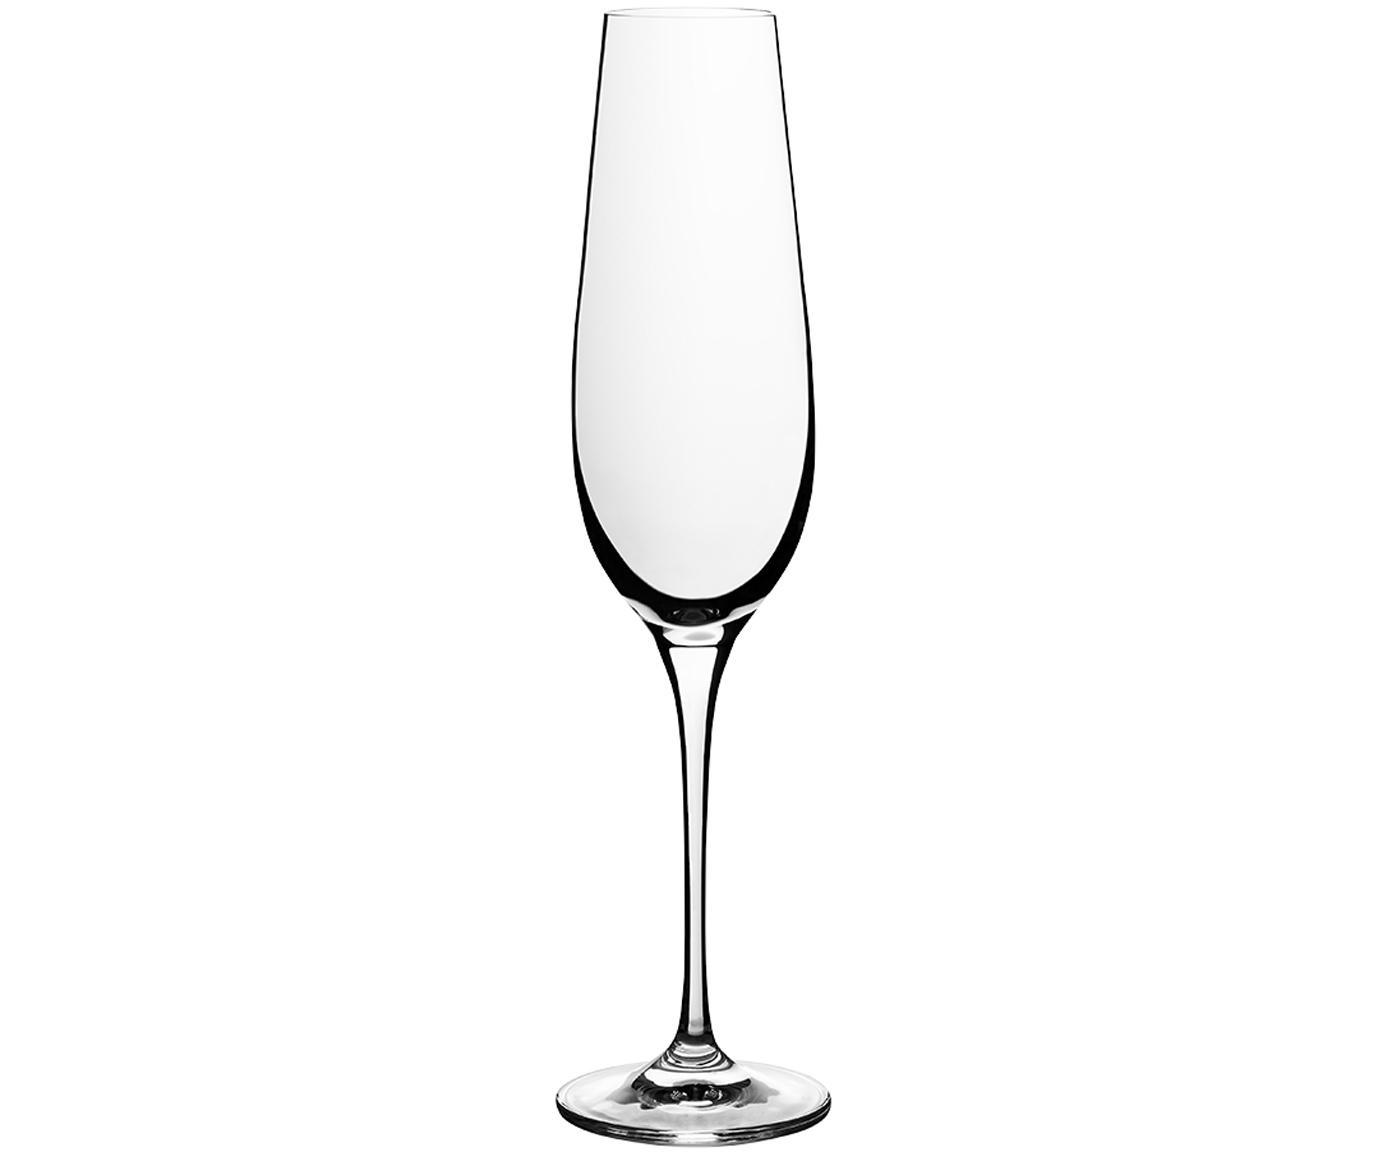 Kryształowy kieliszek do szampana Harmony, 6 szt., Szkło kryształowe o najwyższym połysku, szczególnie widocznym poprzez odbijanie światła Magiczny blask sprawia, że każdy łyk szampana jest wyjątkowym doznaniem, Transparentny, 200 ml